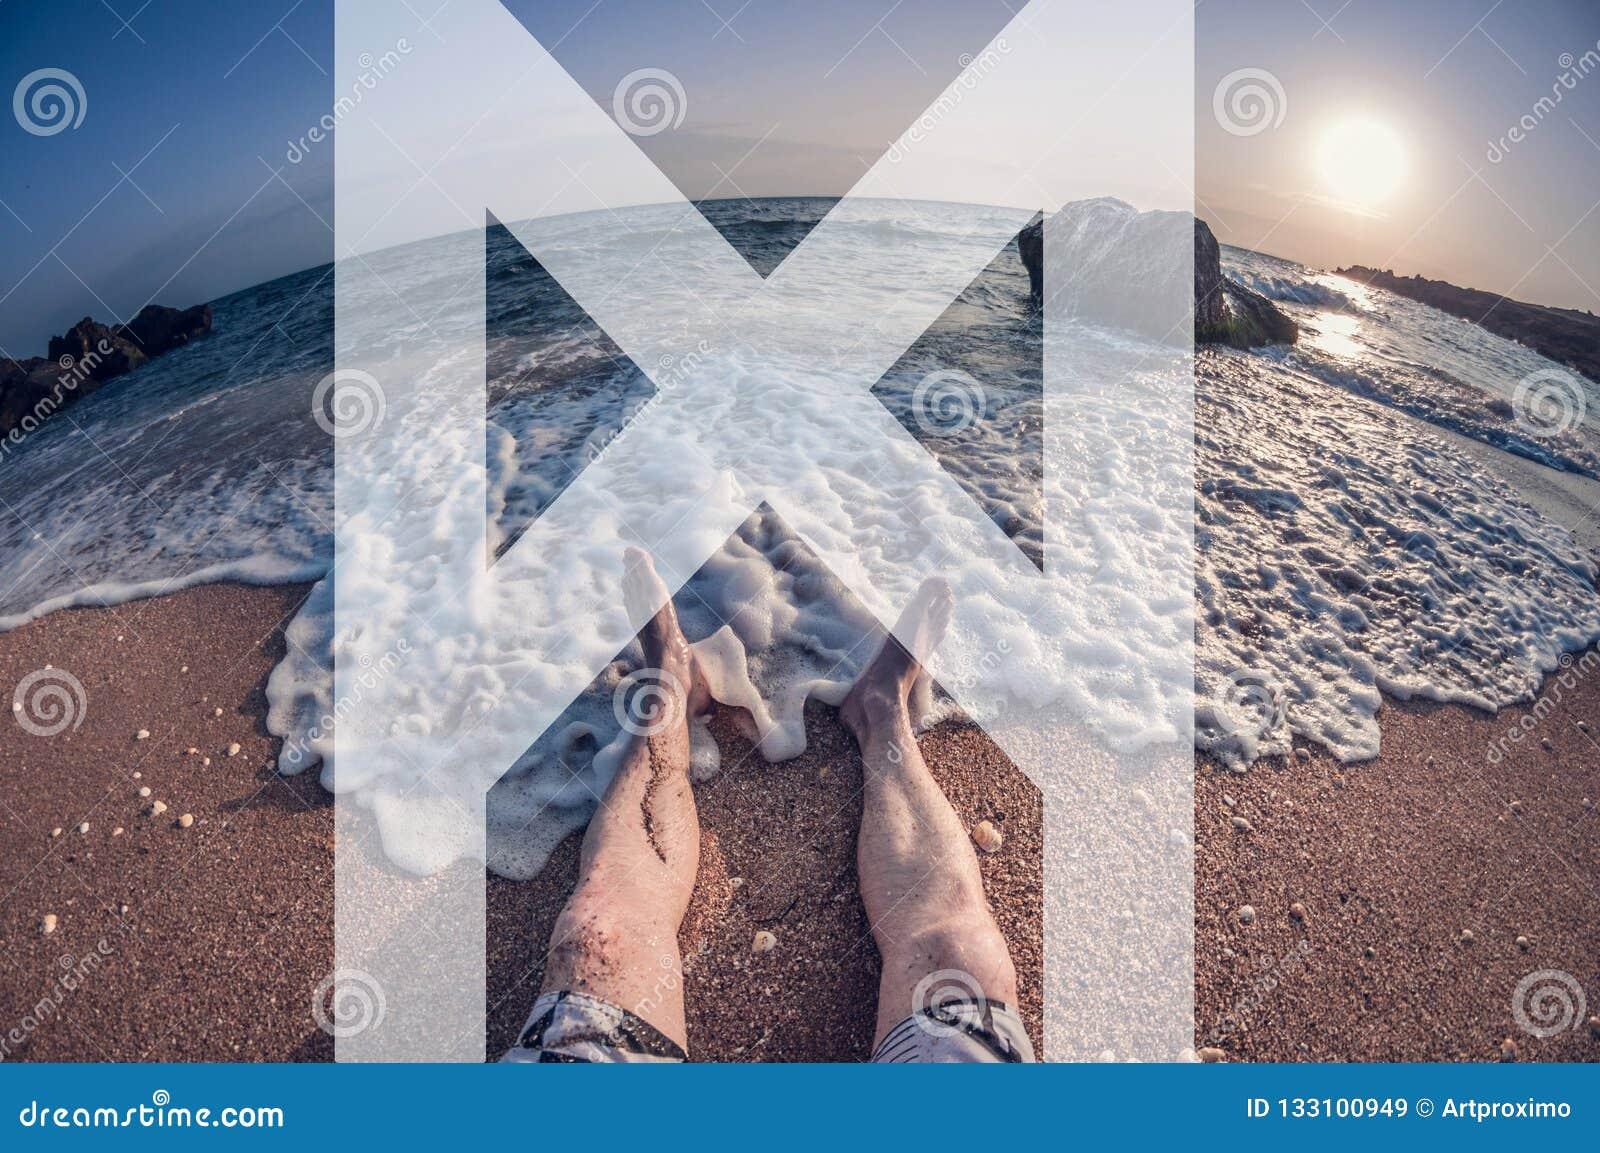 O homem simboliza a runa do mannaz, o homem senta-se na praia, vista de primeira pessoa, distorção do olho de peixes